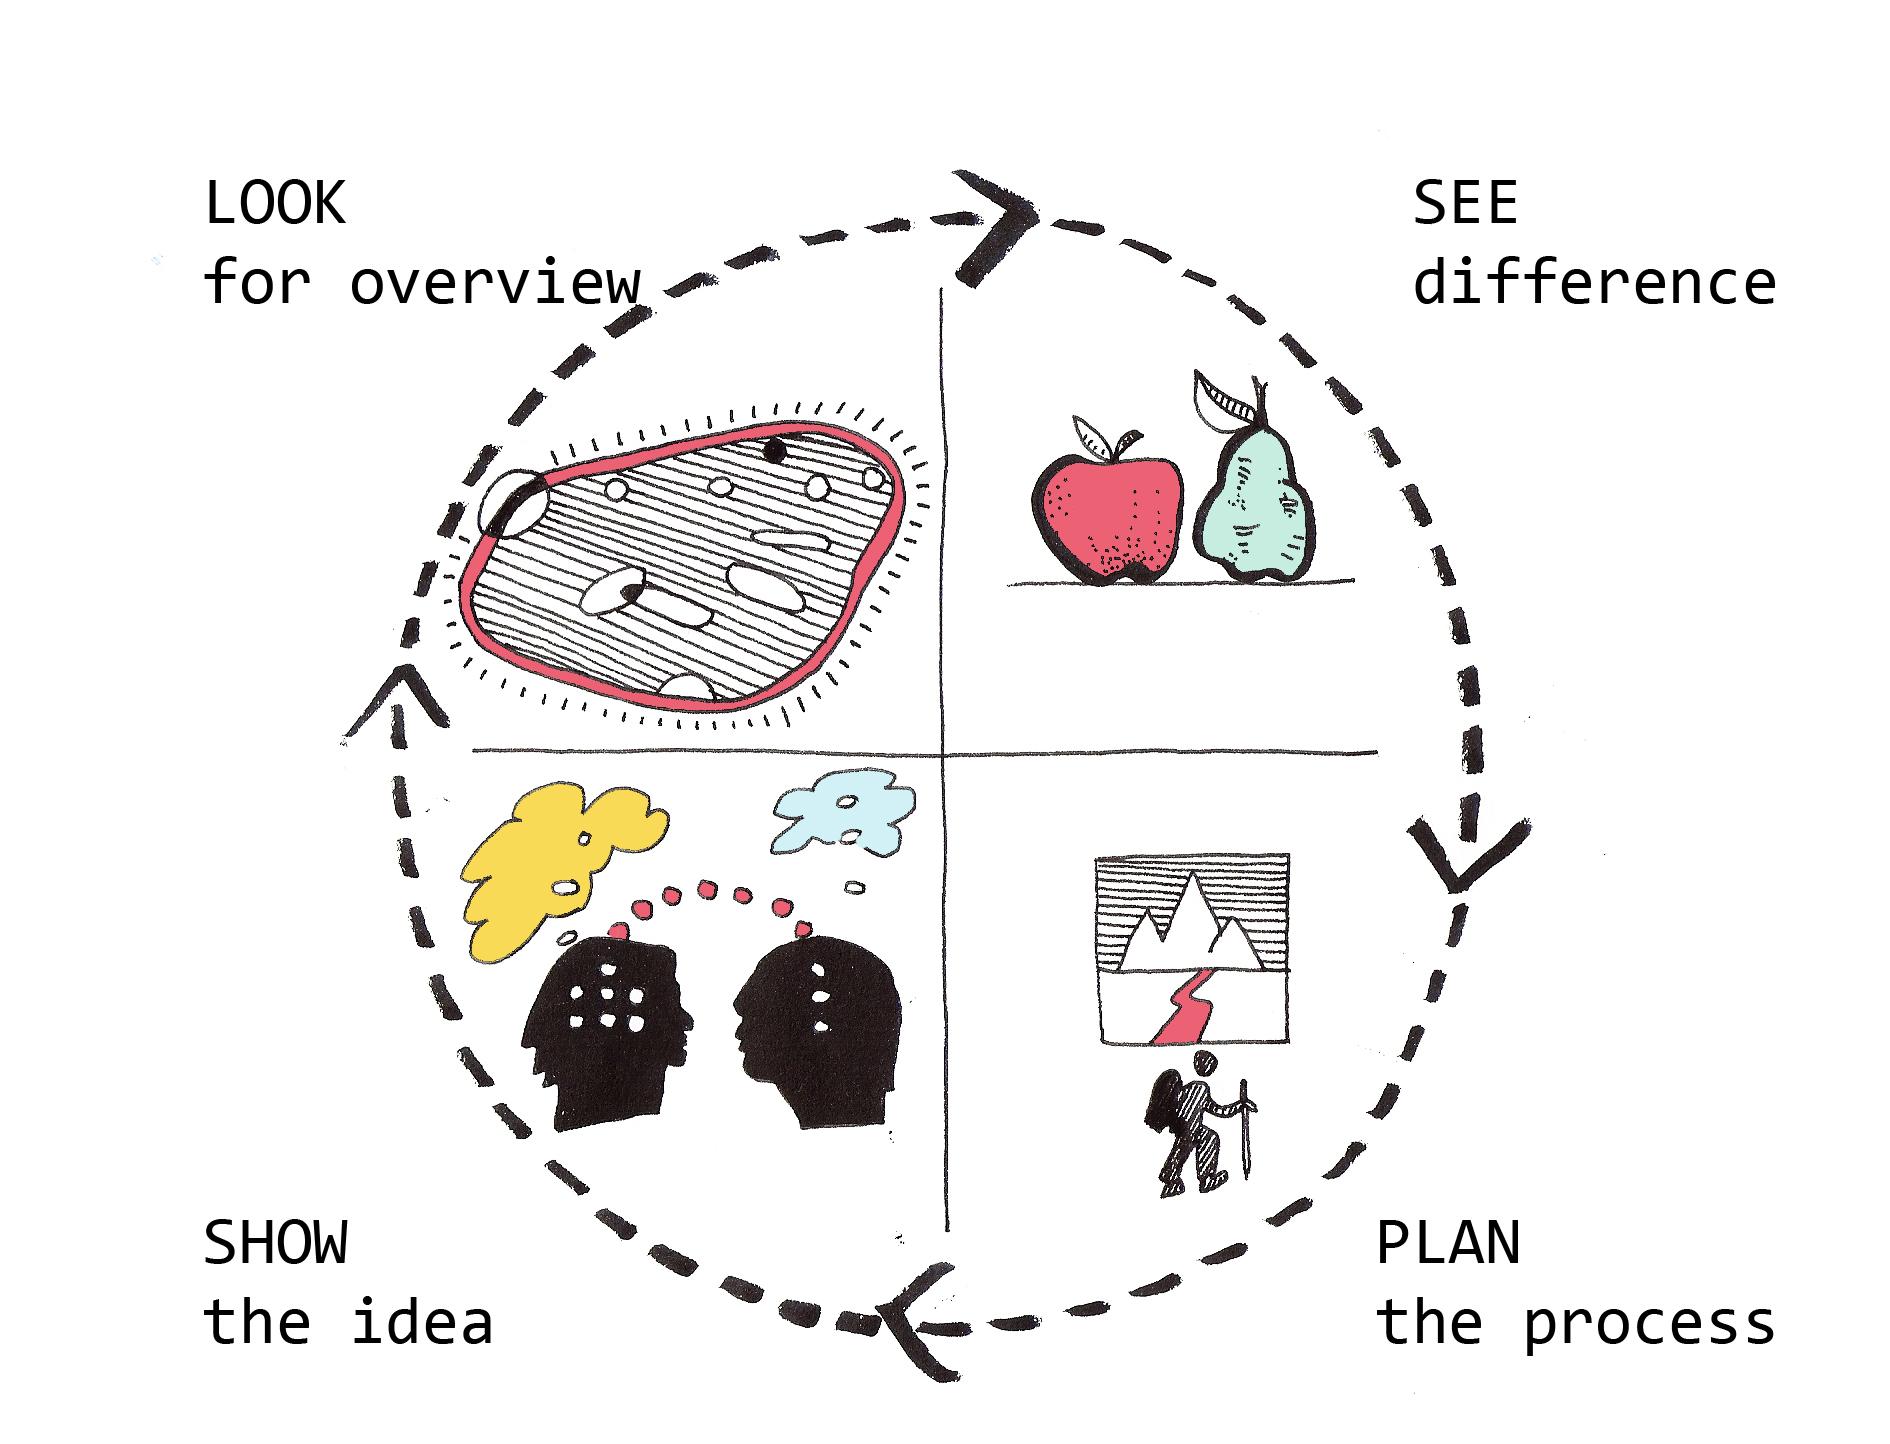 voorbeeld uit het  onderdeel   DRAWING AS A WAY TO THINK, in de  internationale en interdisciplinaire Minor van TU-D URBANISM  2016